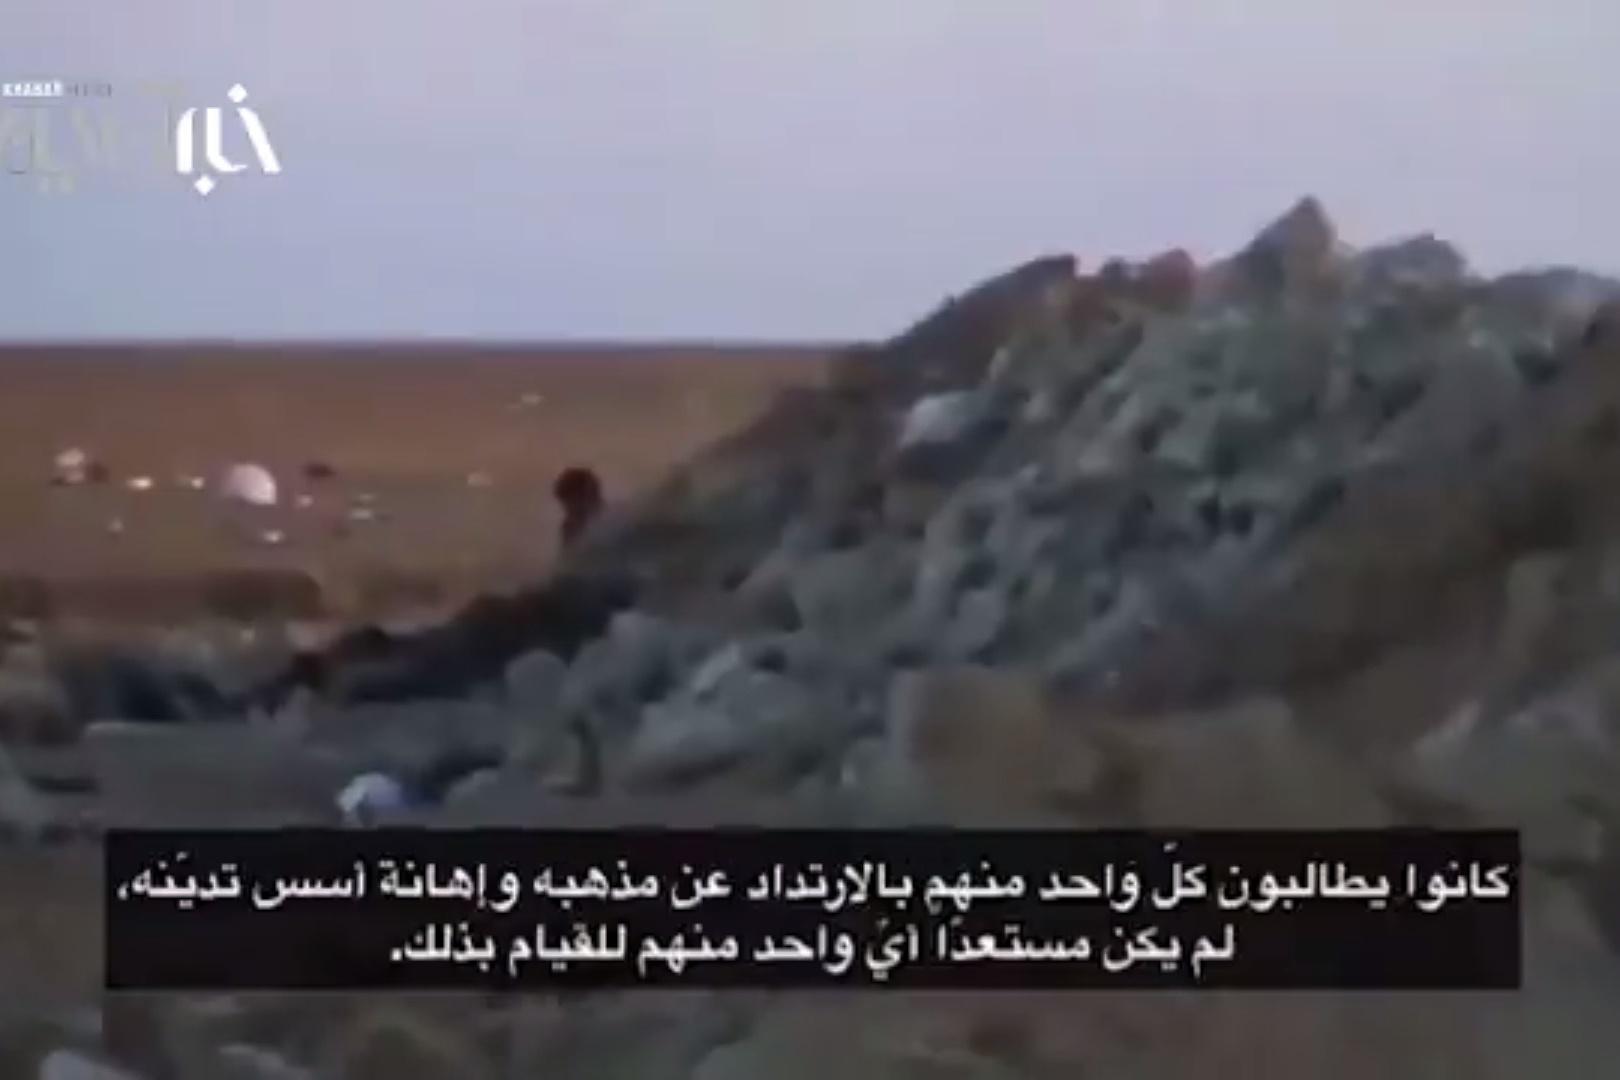 فیلم | وعده سردار سلیمانی برای گرفتن انتقام شهید حججی